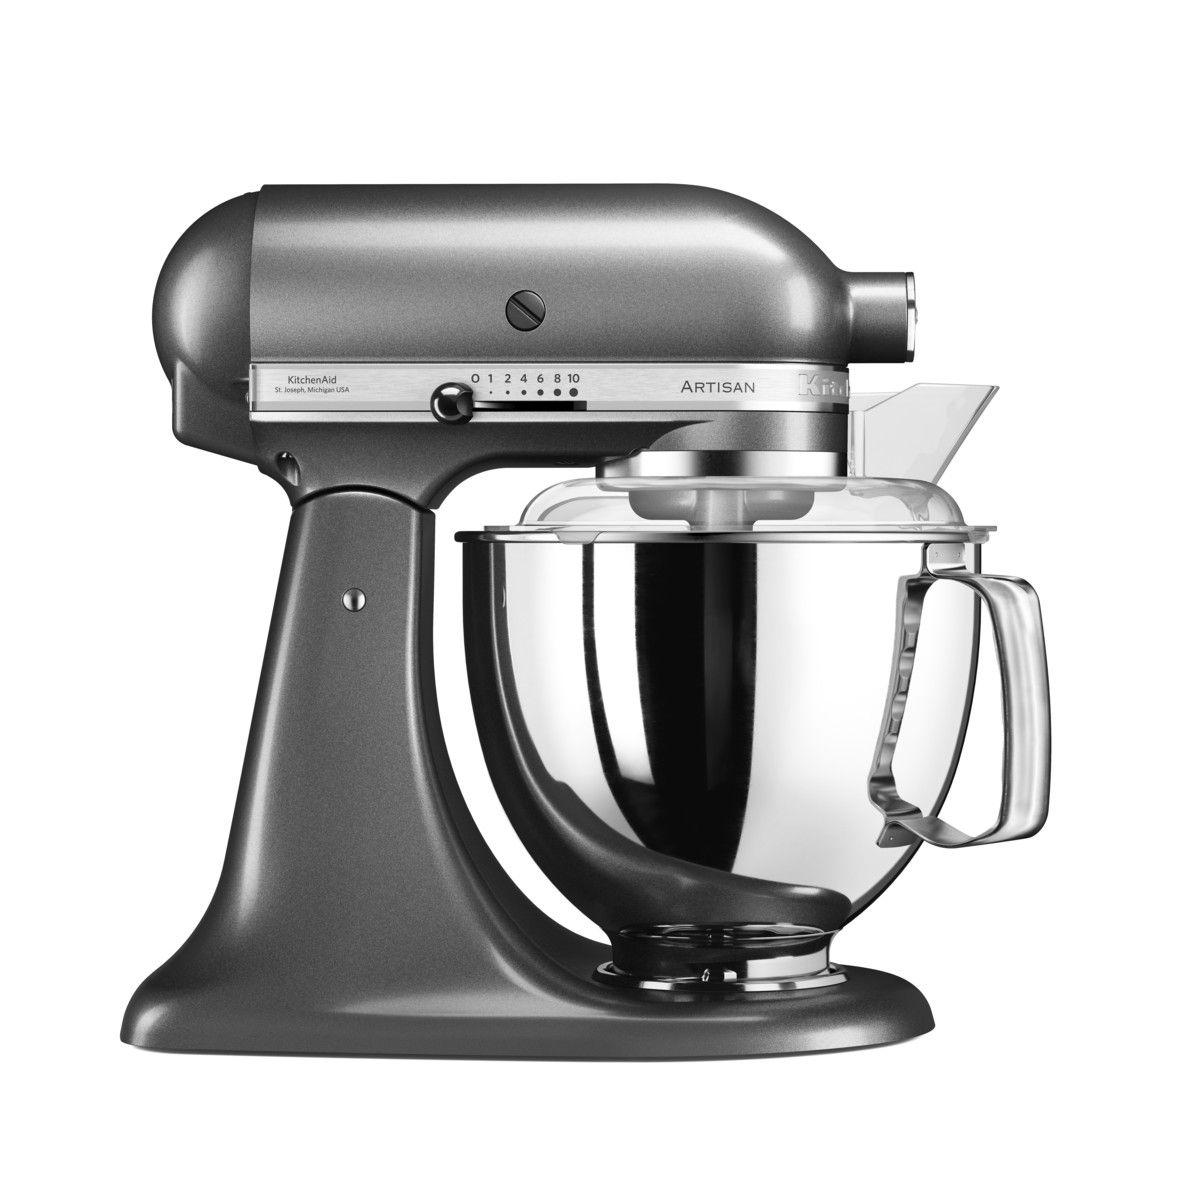 Robot pâtissier artisan gris étain 5KSM175PS 4.8 l - Kitchenaid